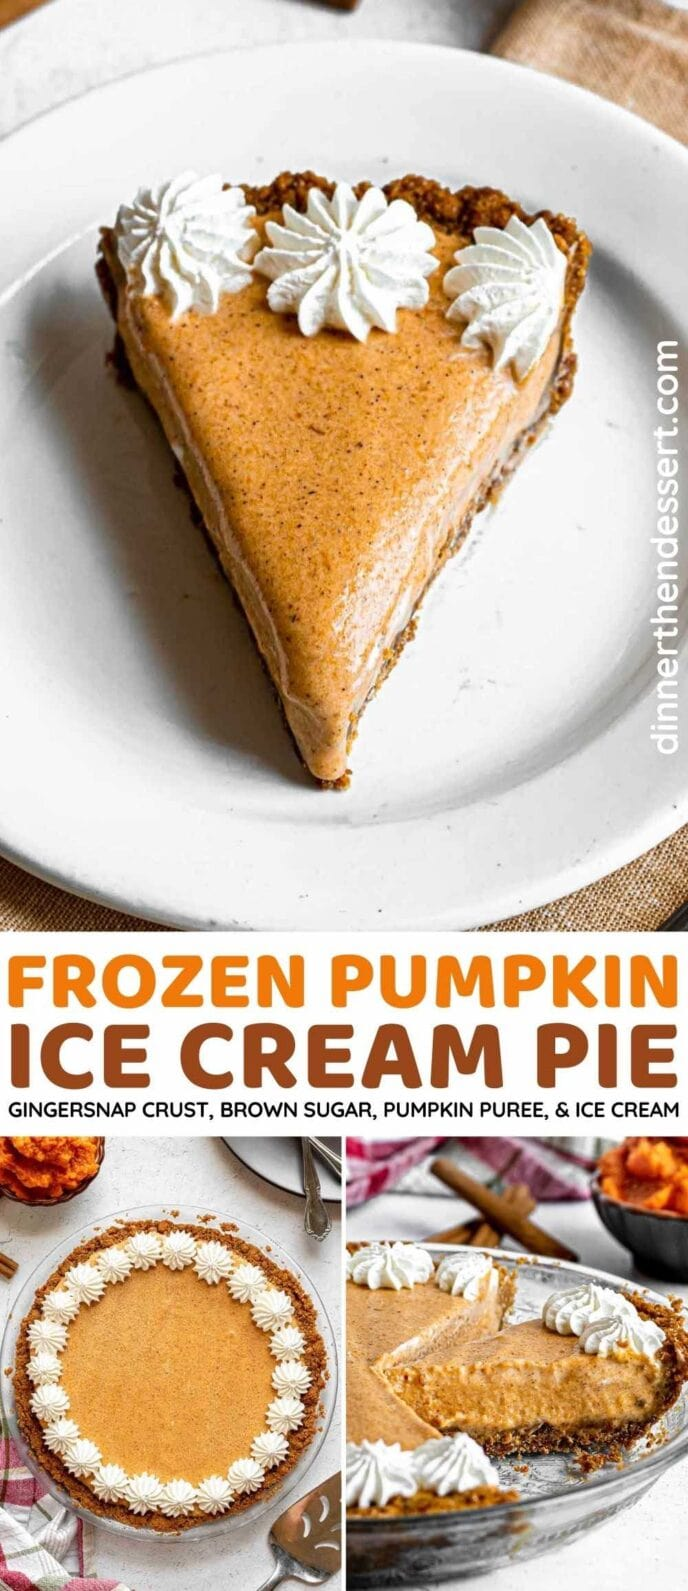 Frozen Pumpkin Ice Cream Pie